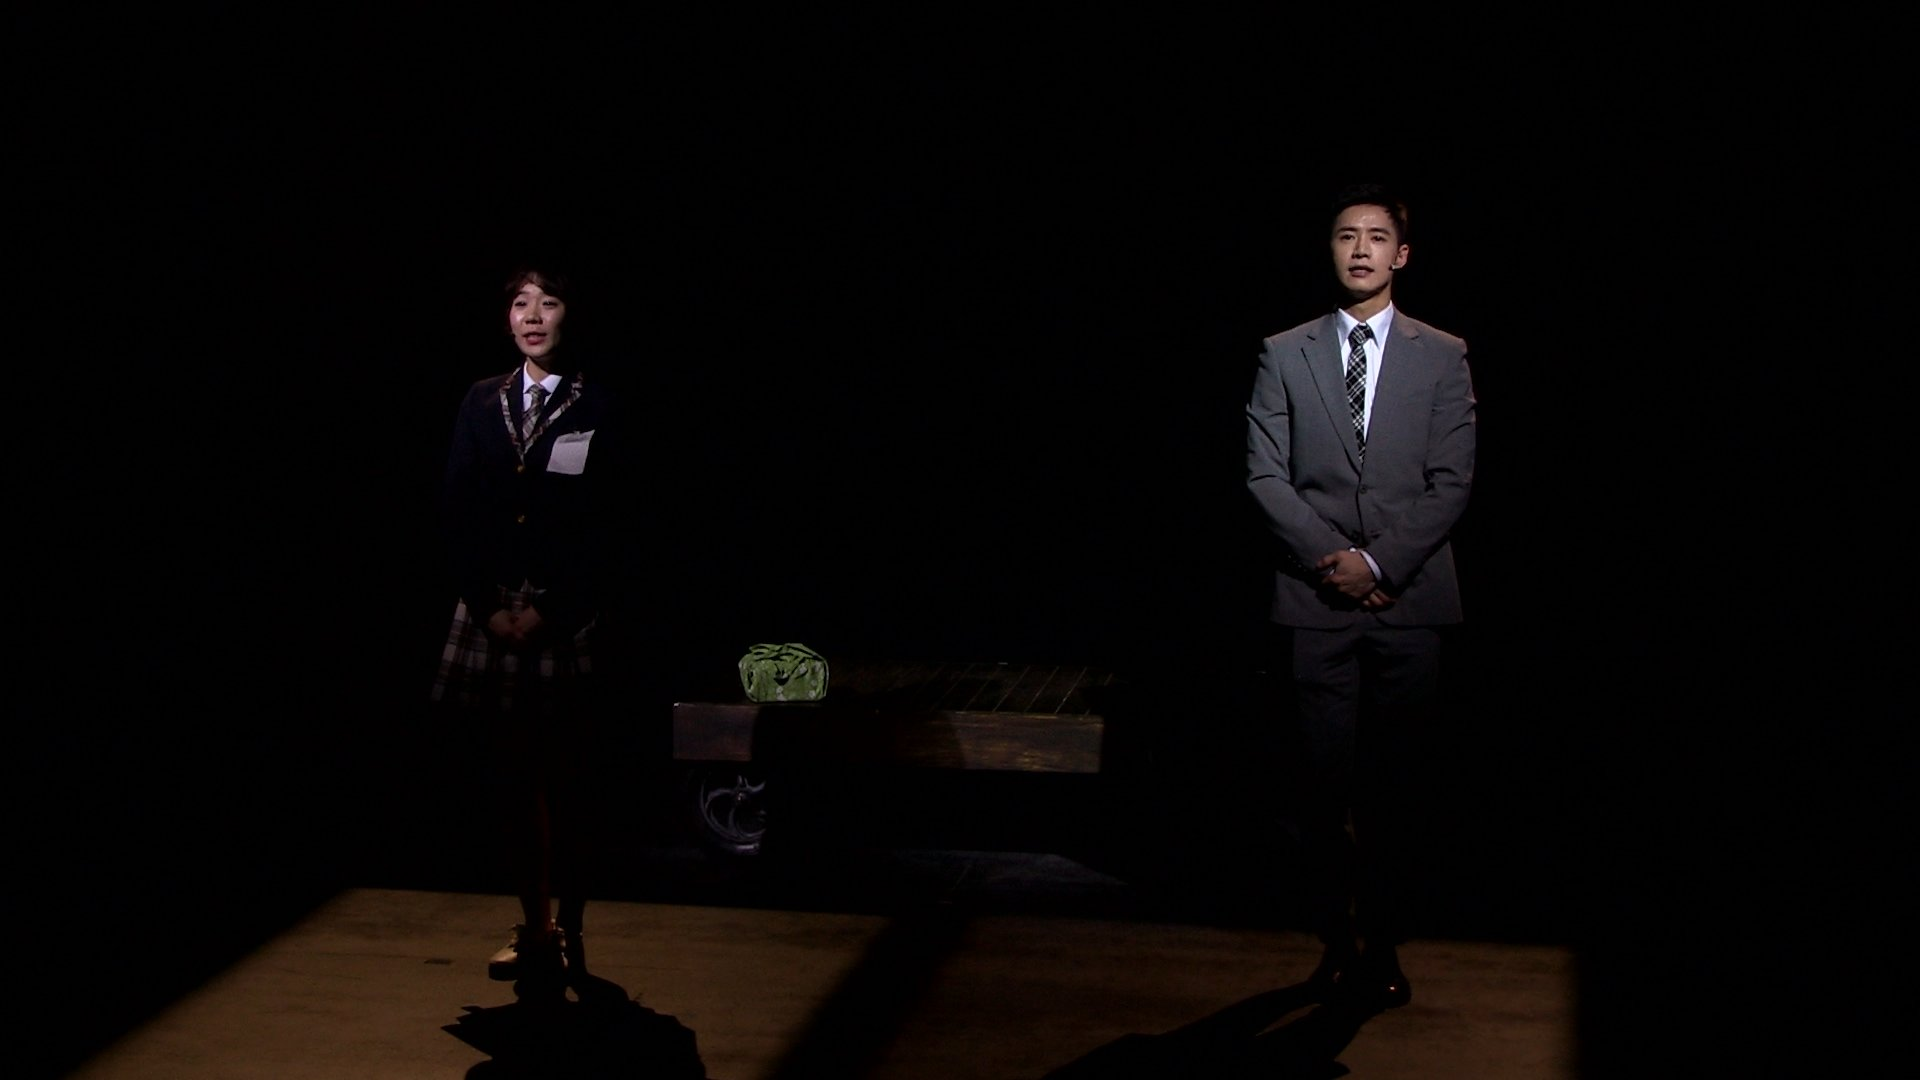 '무한동력' 꿈은 아니겠지 - 오종혁, 박란주, 임철수, 윤석원, 정우연